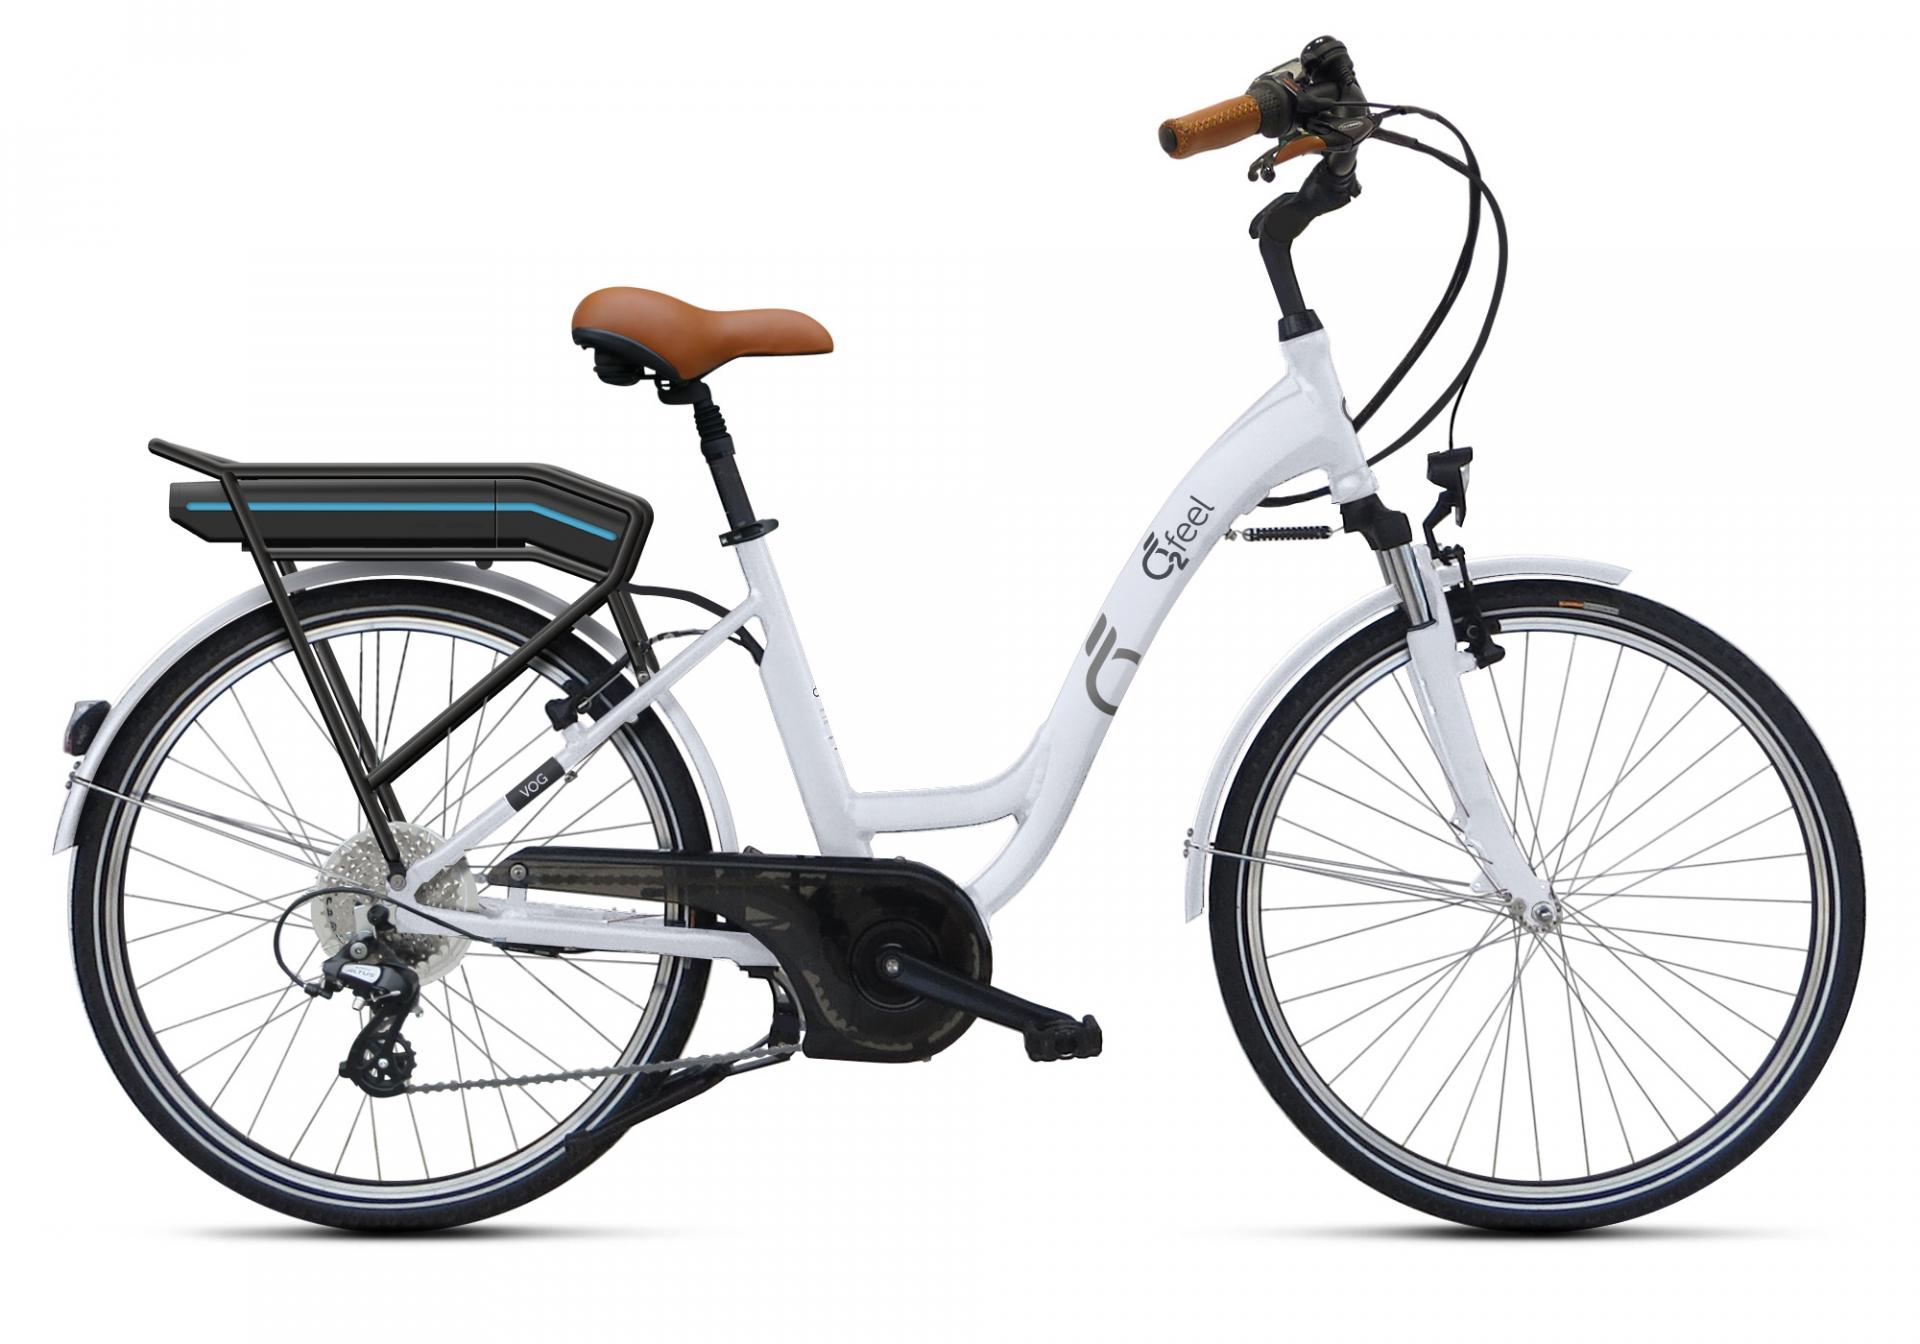 Vélo électrique O2Feel Vog D8C 28 374 Wh Blanc